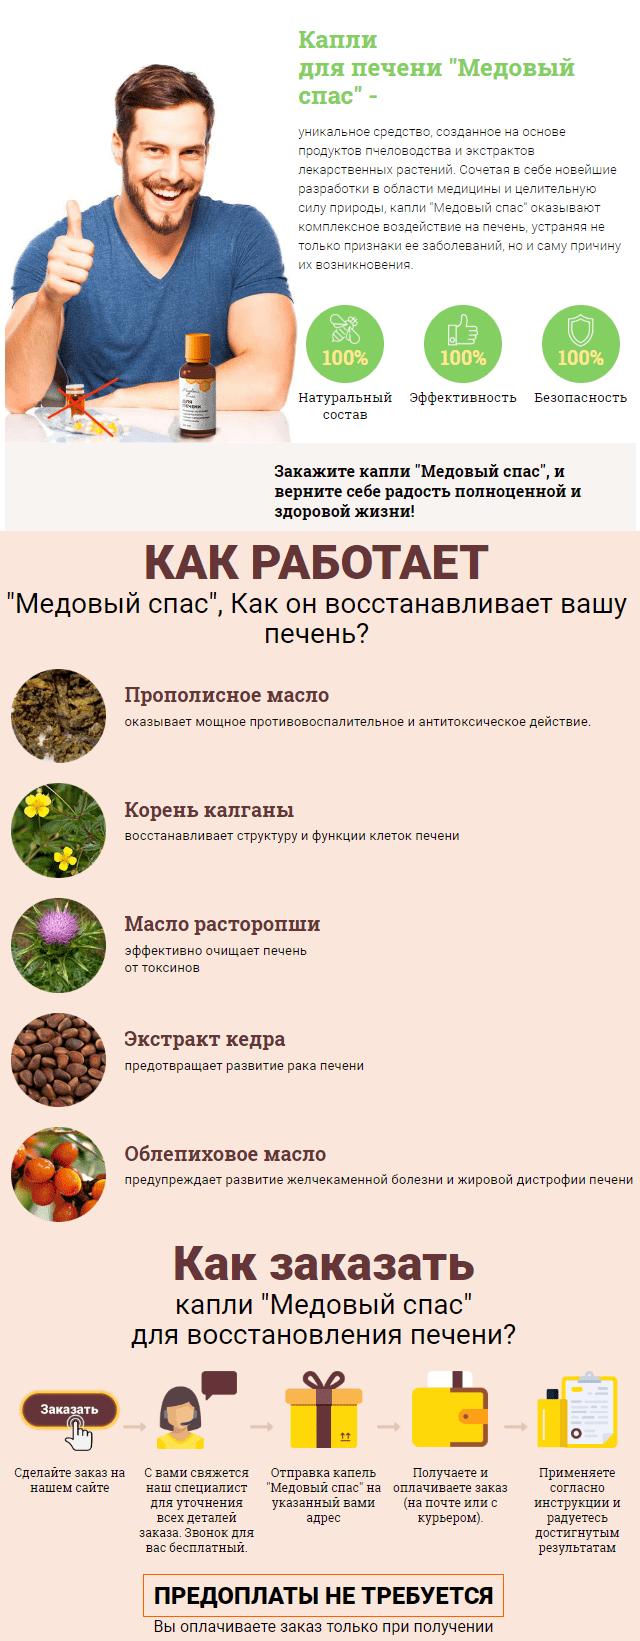 Медовый спас капли для восстановления печени в Жуковском